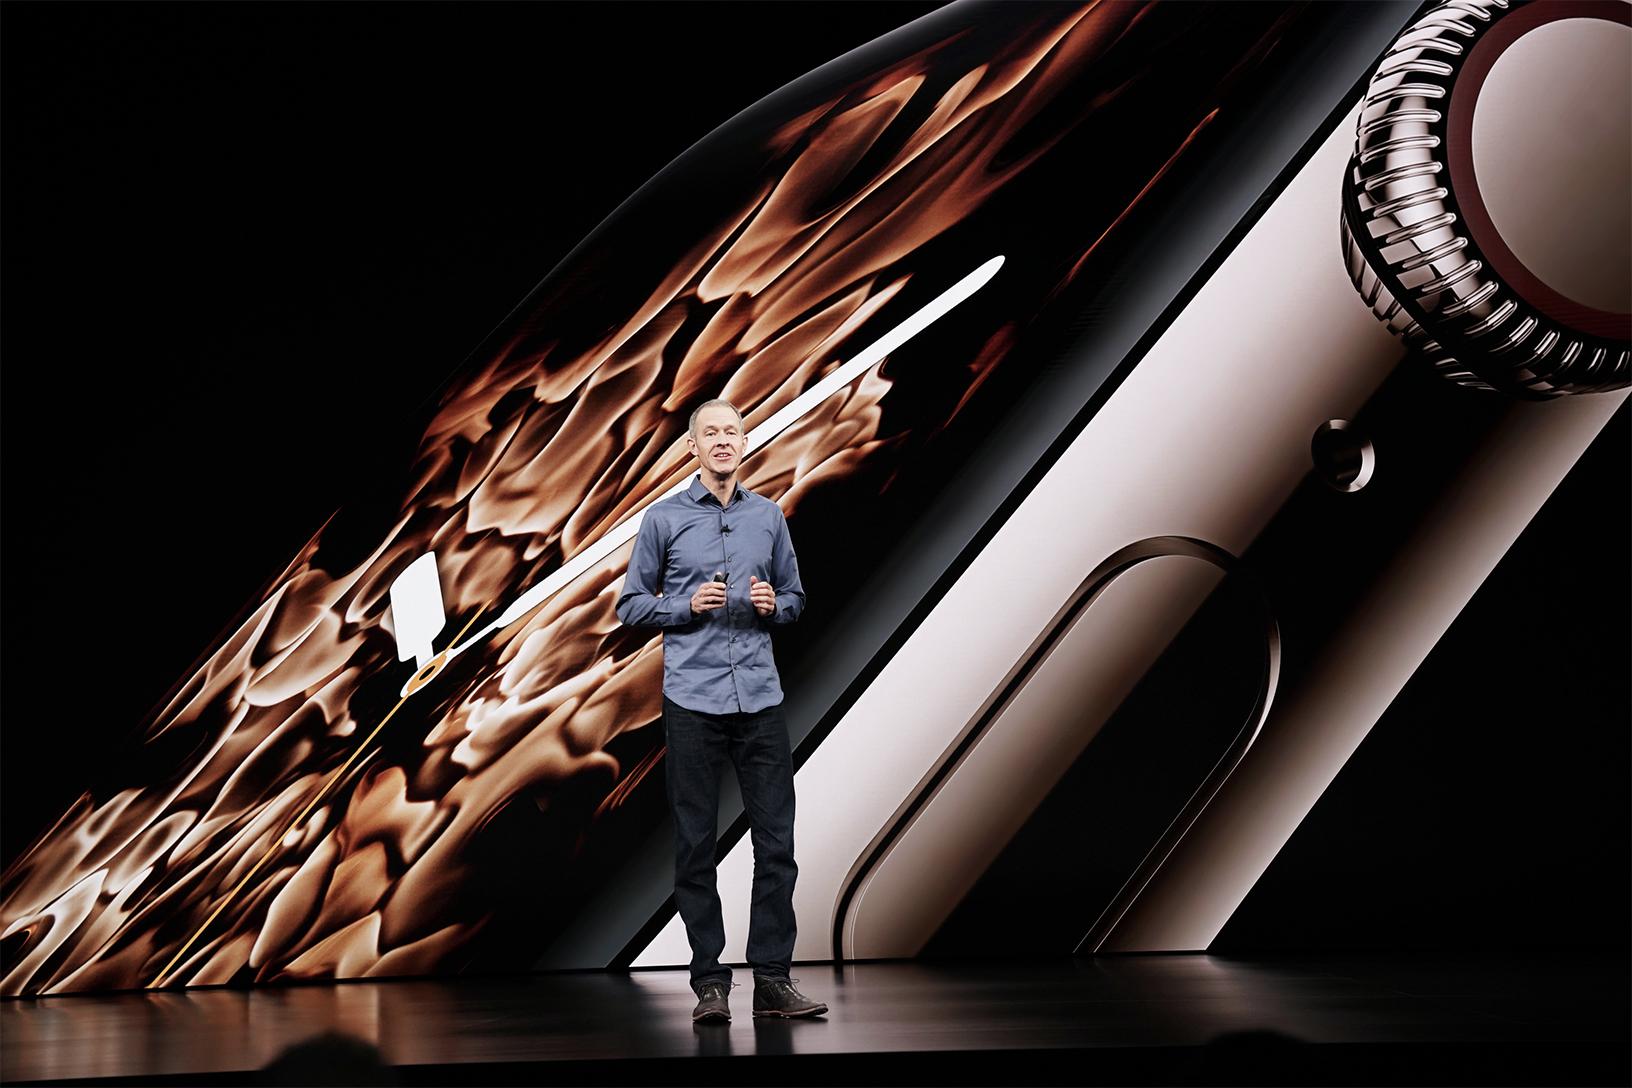 Jeff Williams durante la presentazione Apple Watch Series 4 ha parlato delle nuove funzioni di monitoraggio cardiaco e rilevamento cadute.